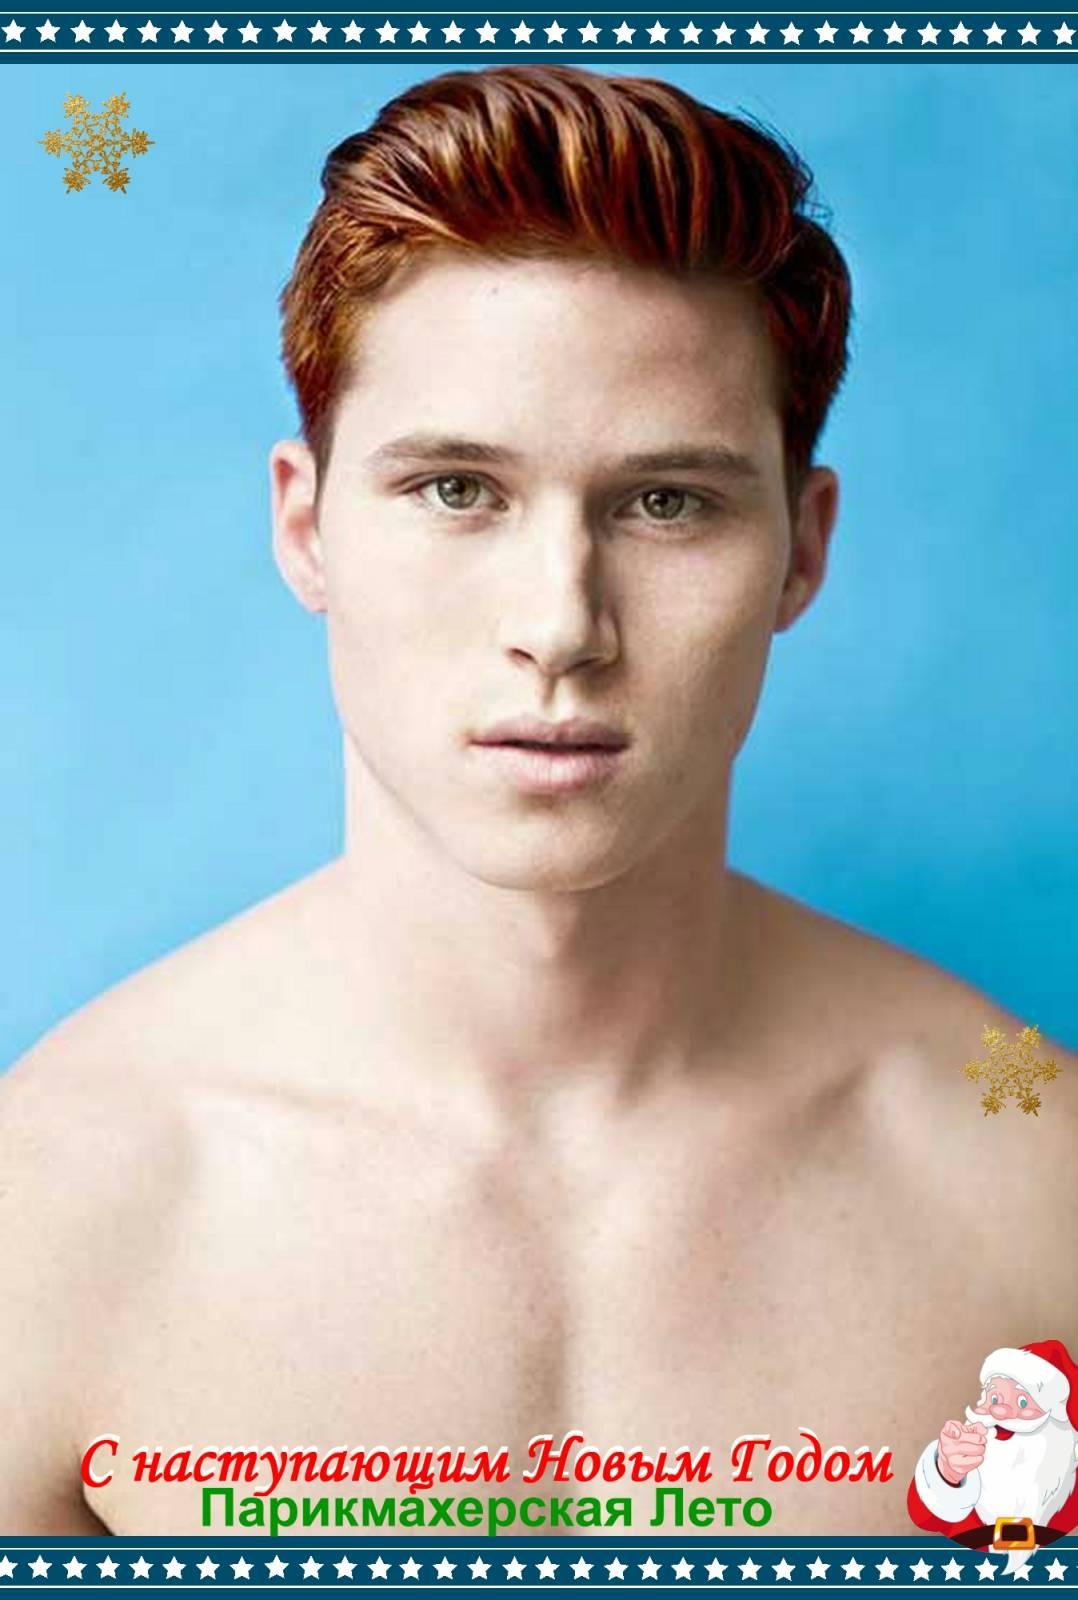 Прически с рыжими волосами мужчин фото